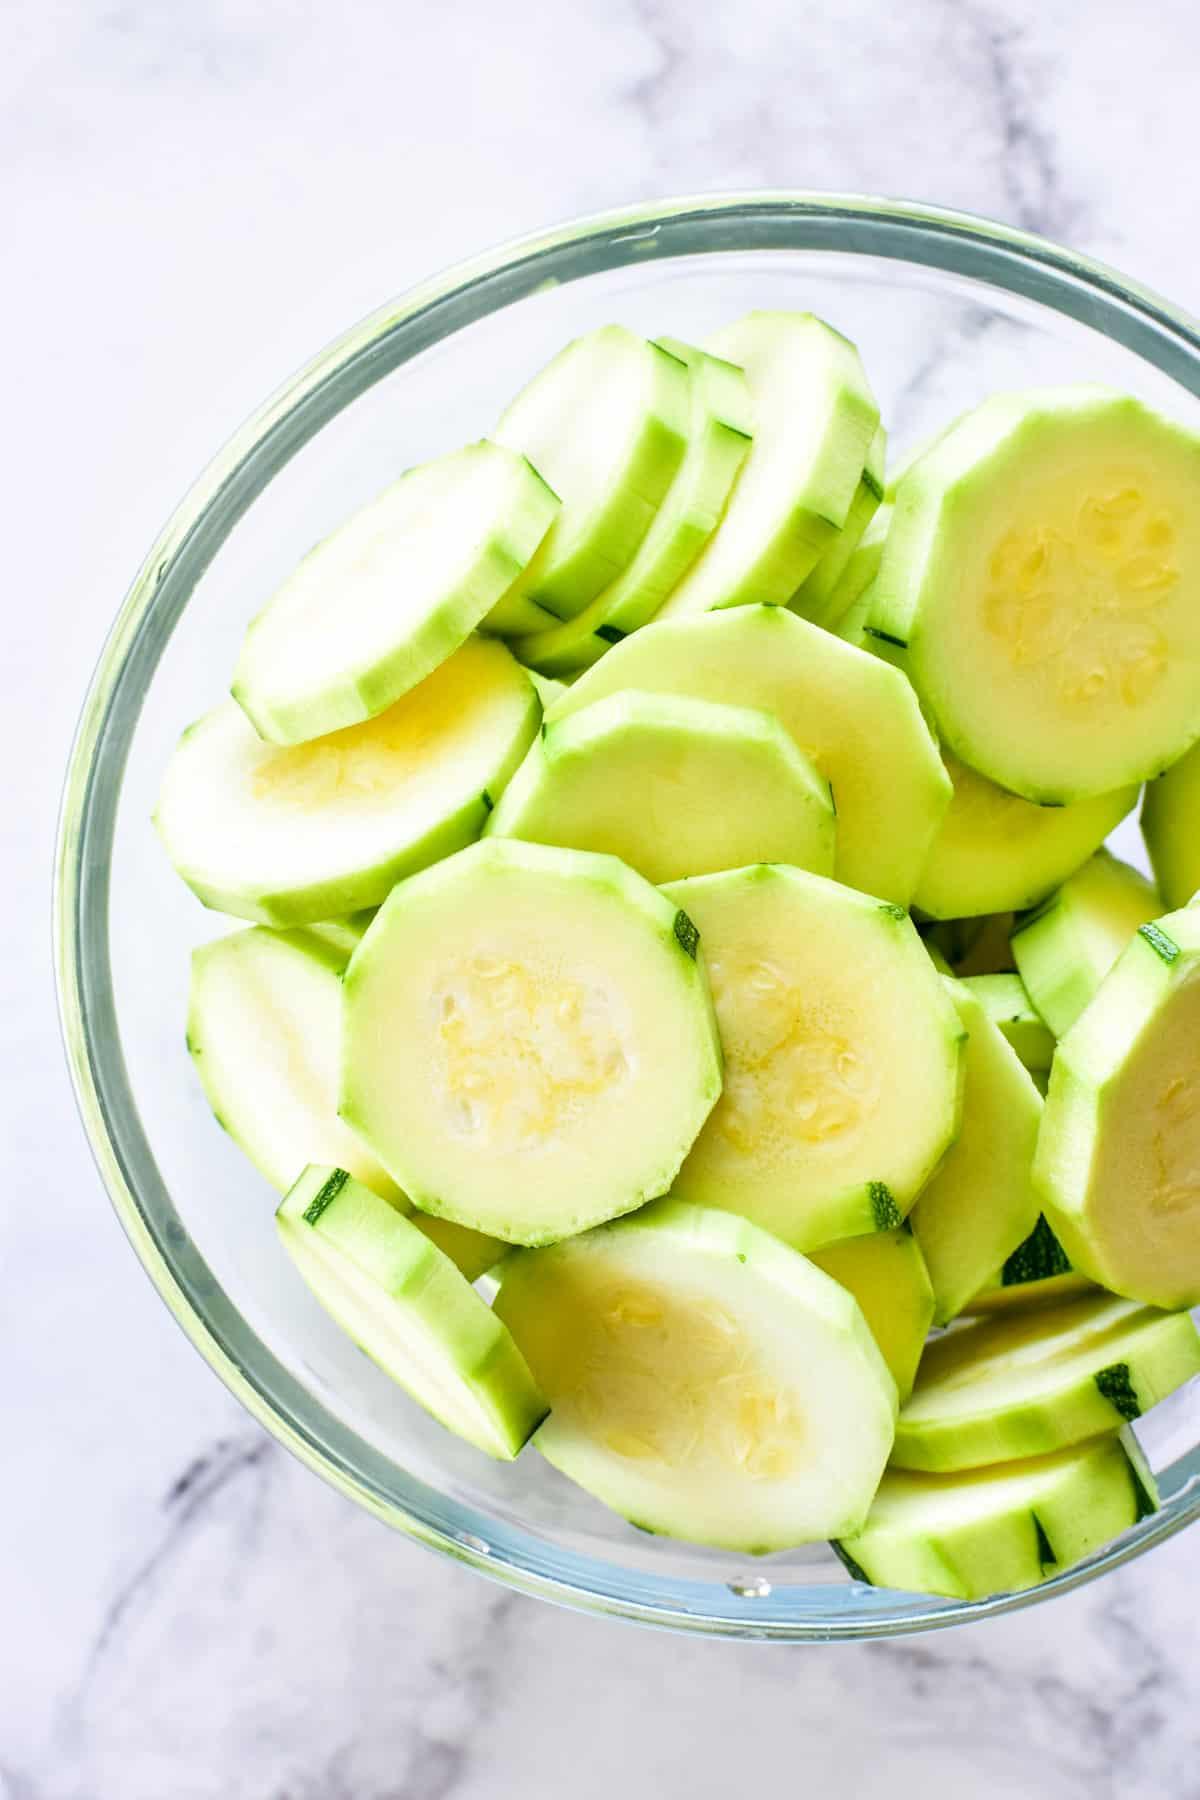 Sliced zucchini in a glass bowl